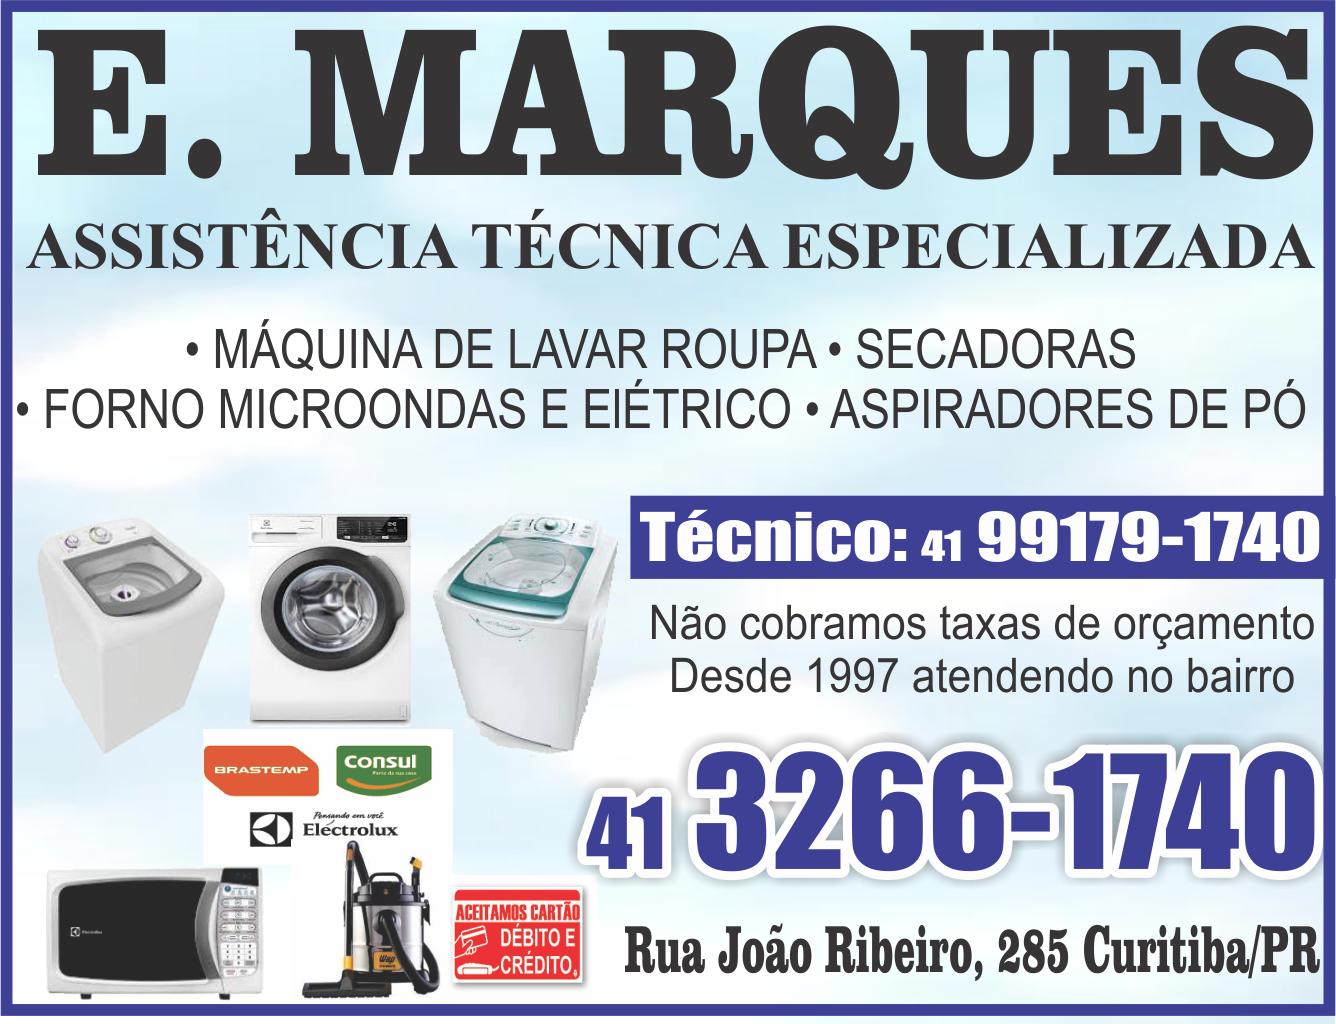 E. MARQUES Assistência Técnica Especializada      Fones: (41)3266-1740 / (41) 99179-1740